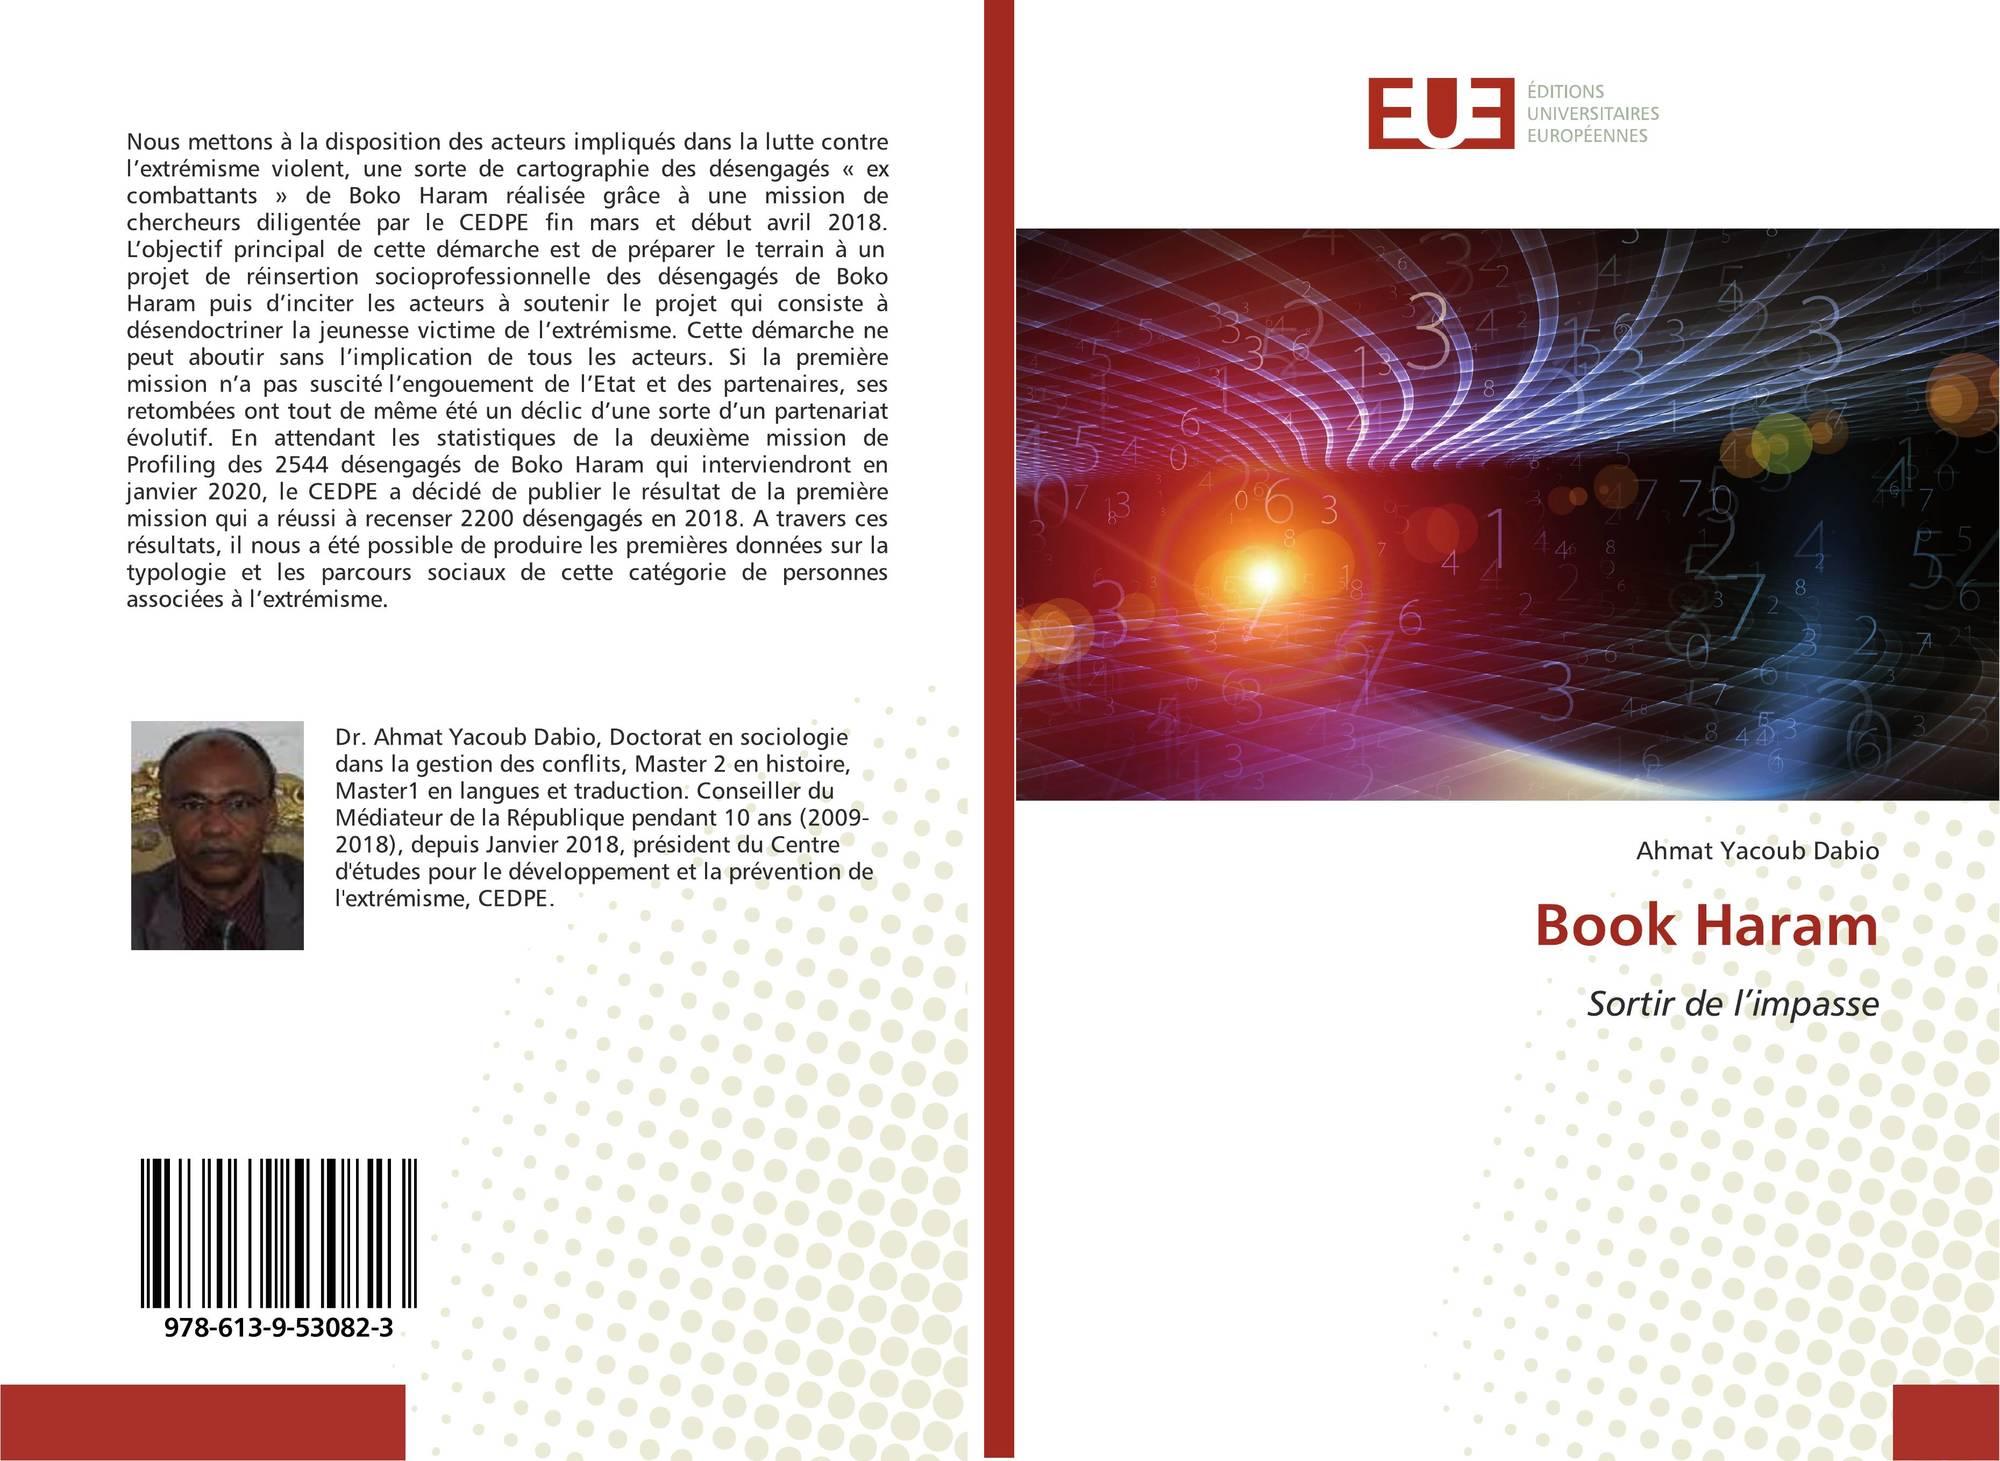 Book Haram, Conférence de presse à Paris le lundi 6 janvier à 15 H